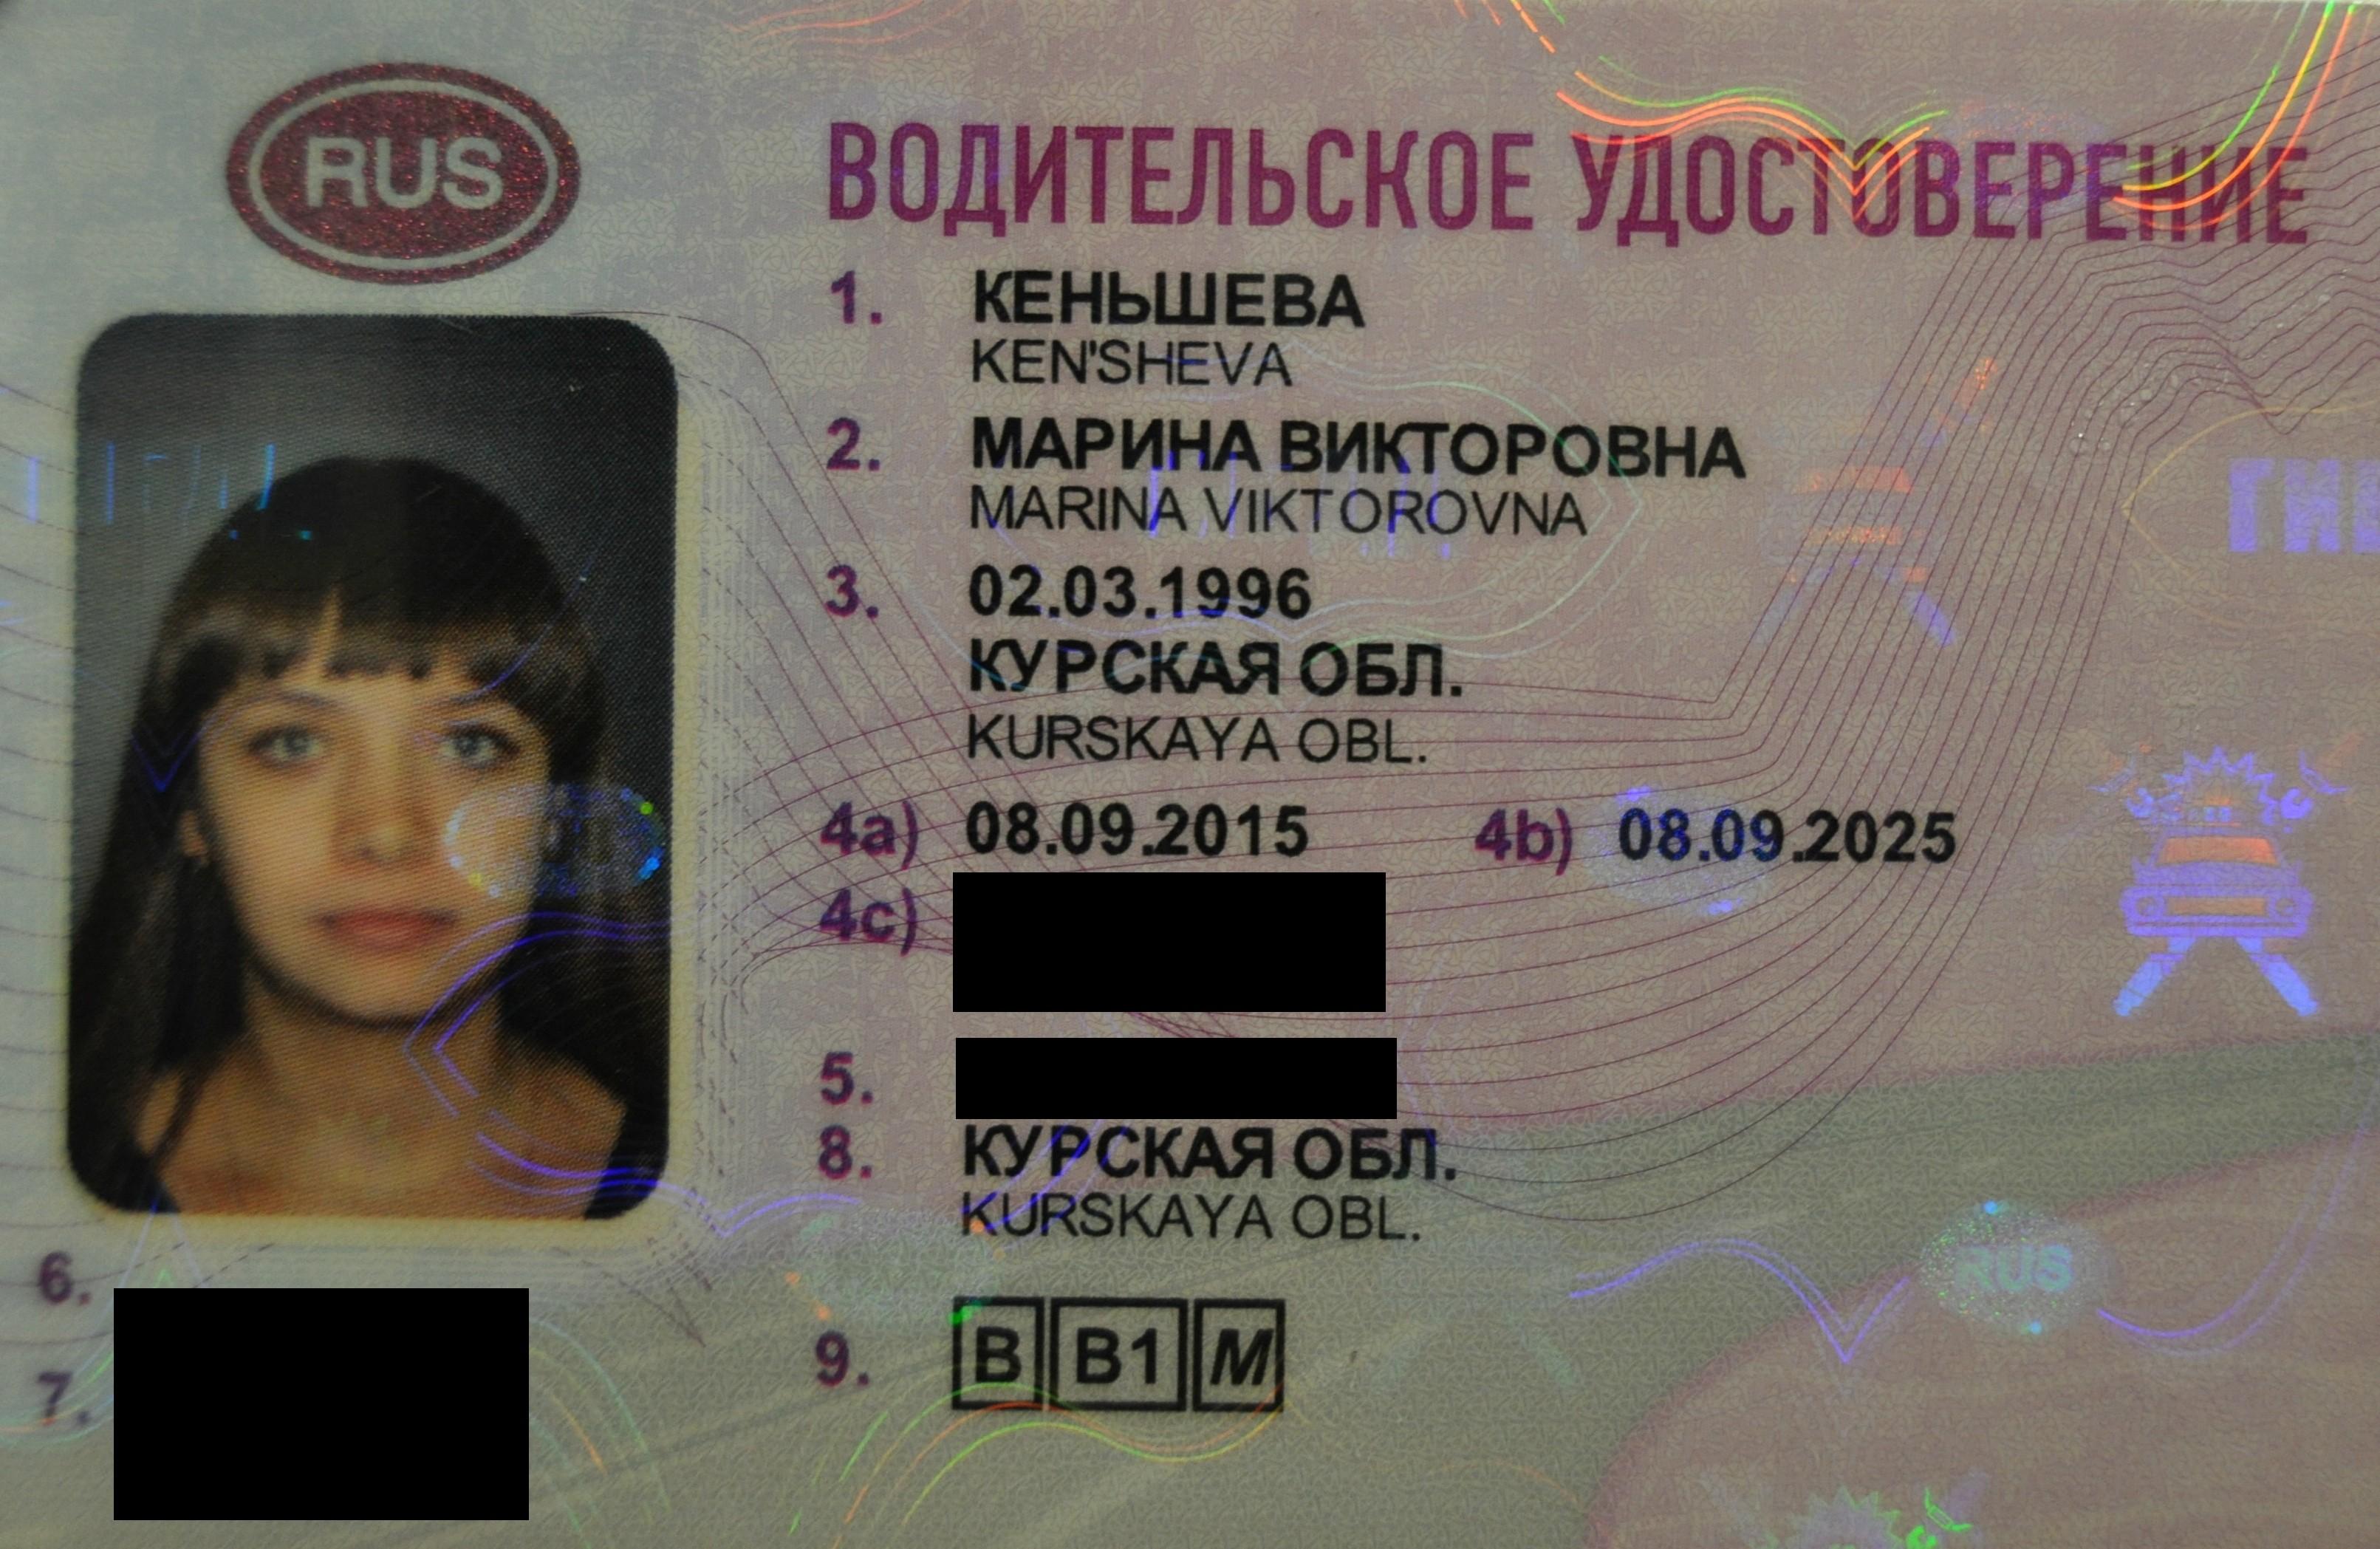 Водительское удостоверение - обязательный документ для управления ТС